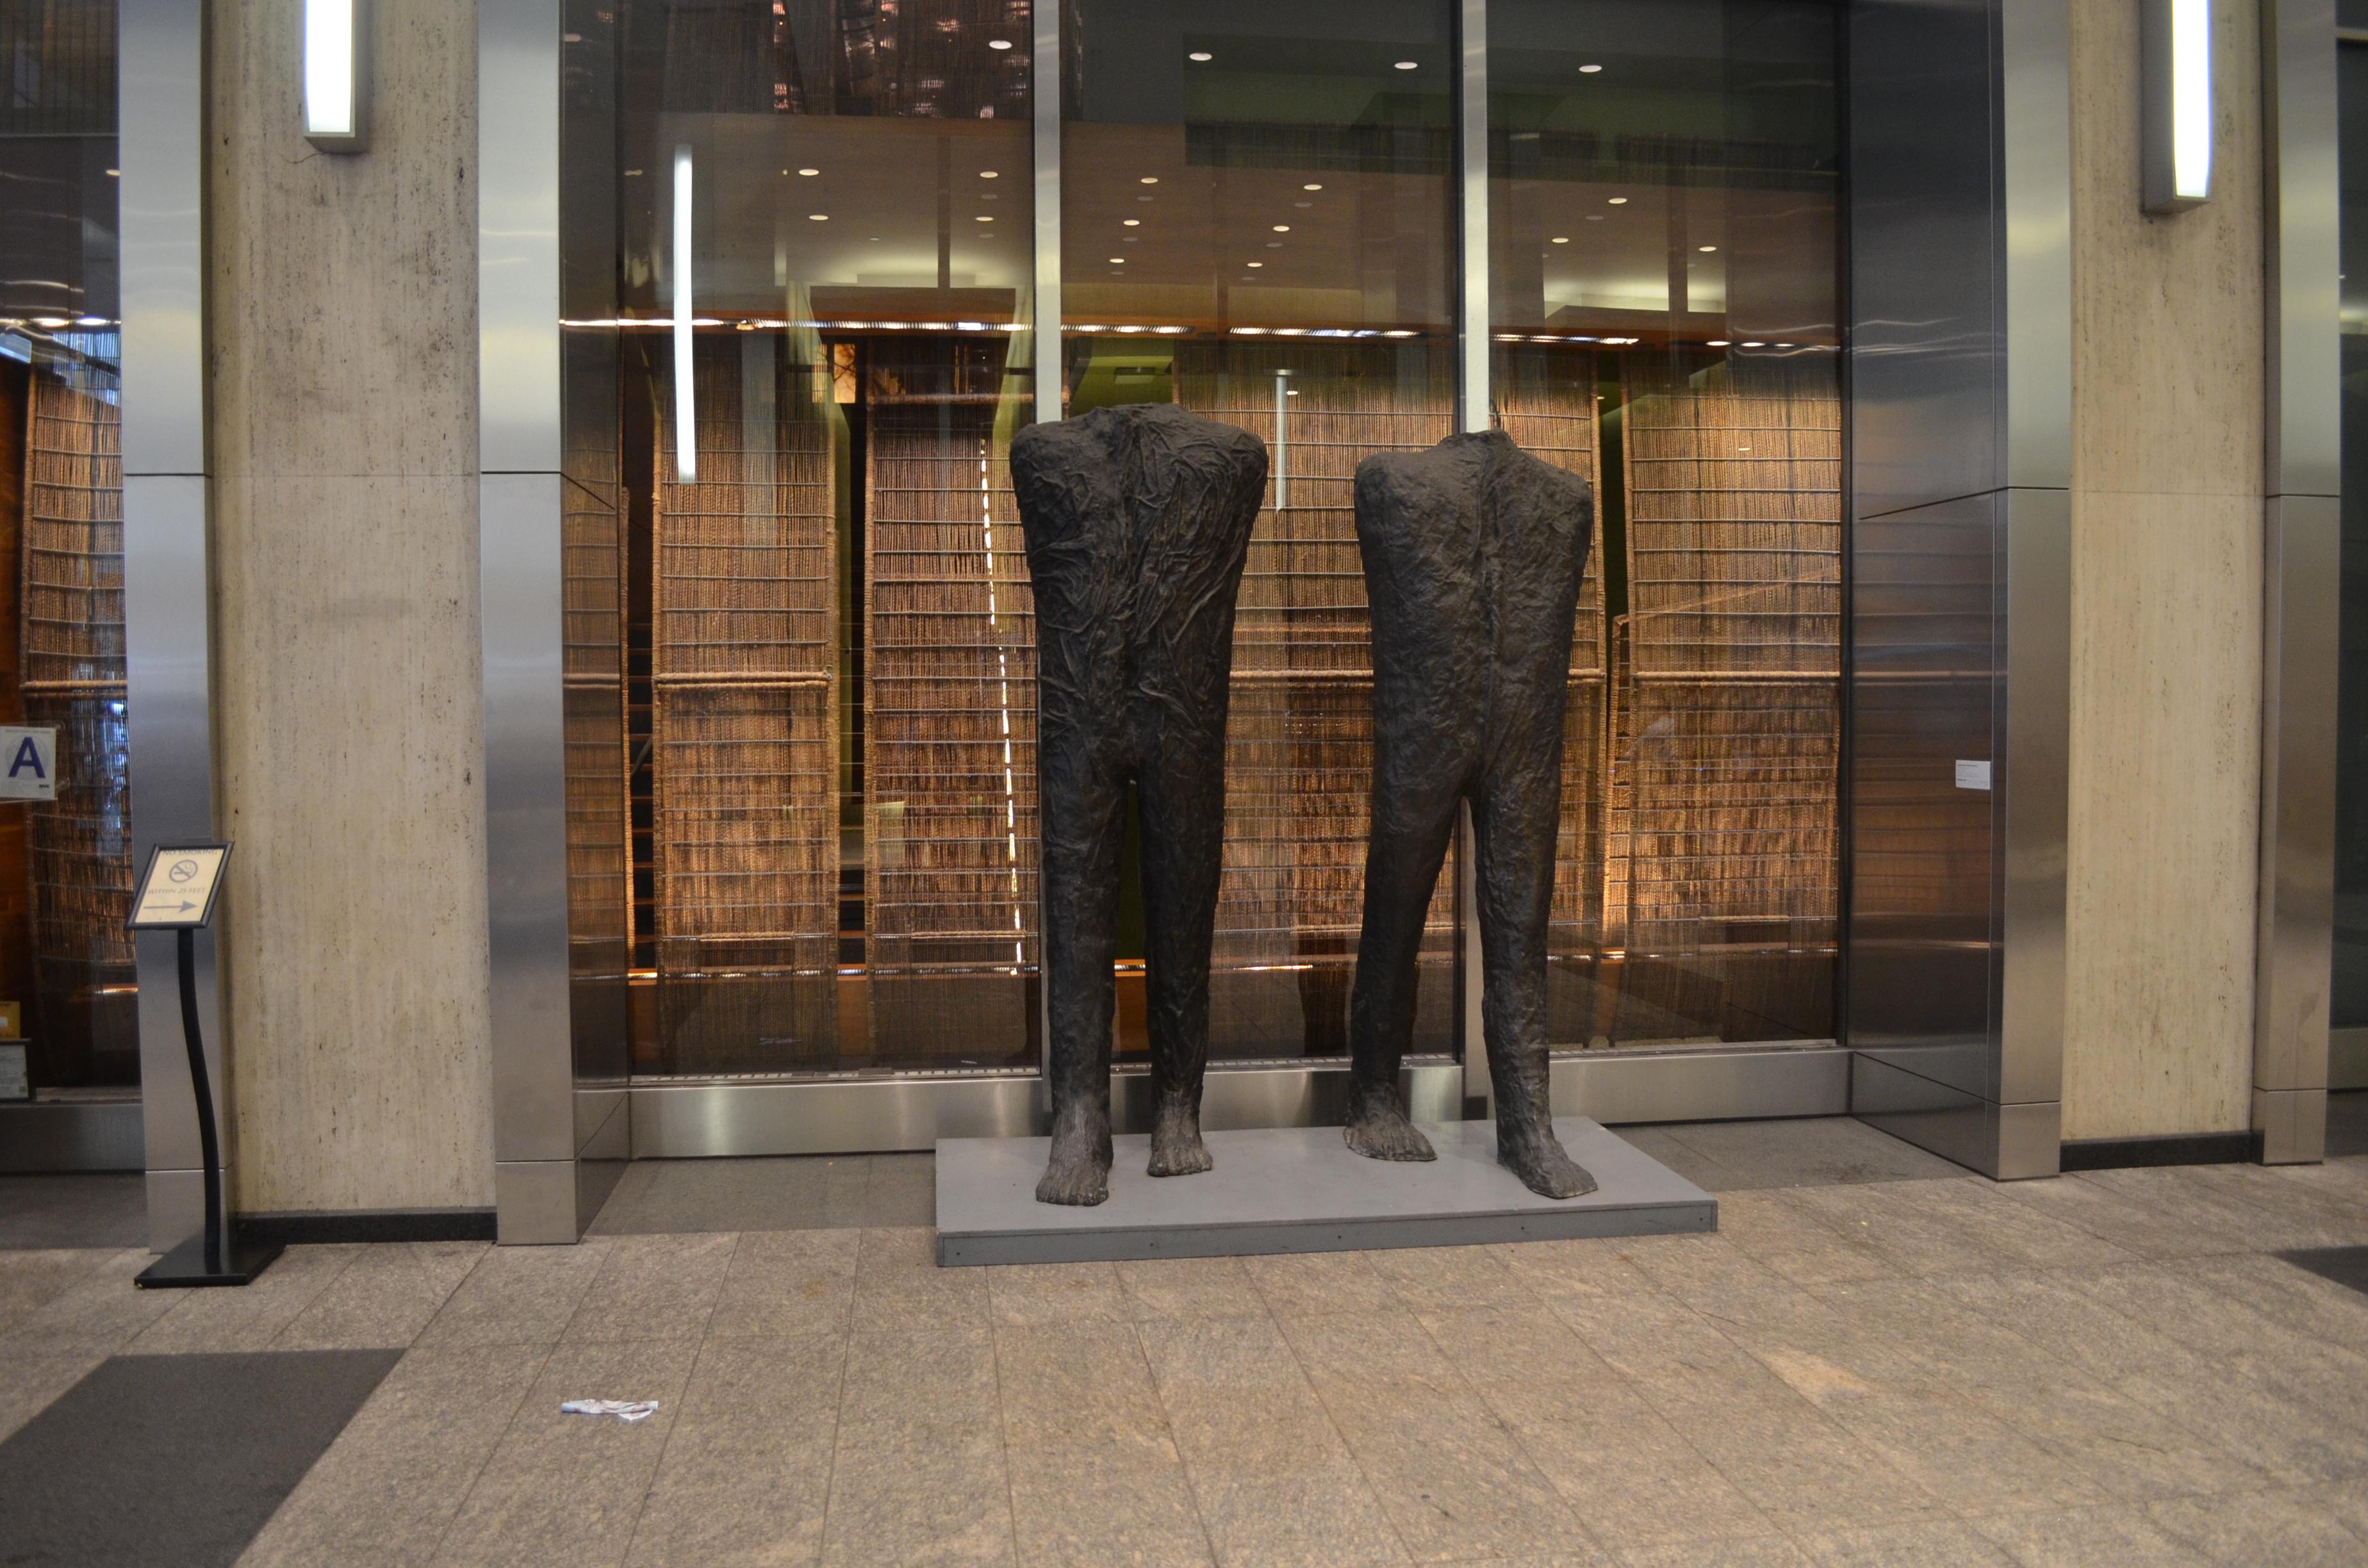 Magdalena Abakanowicz, Walking Figures, 2009, Left: 102 ½ x 35 x 34 ½ in., 260,4 x 89 x 87,6 cm, Right: 99 1 x 33 ¼ x 45 in., 257 x 84,5 x 114,3 cm